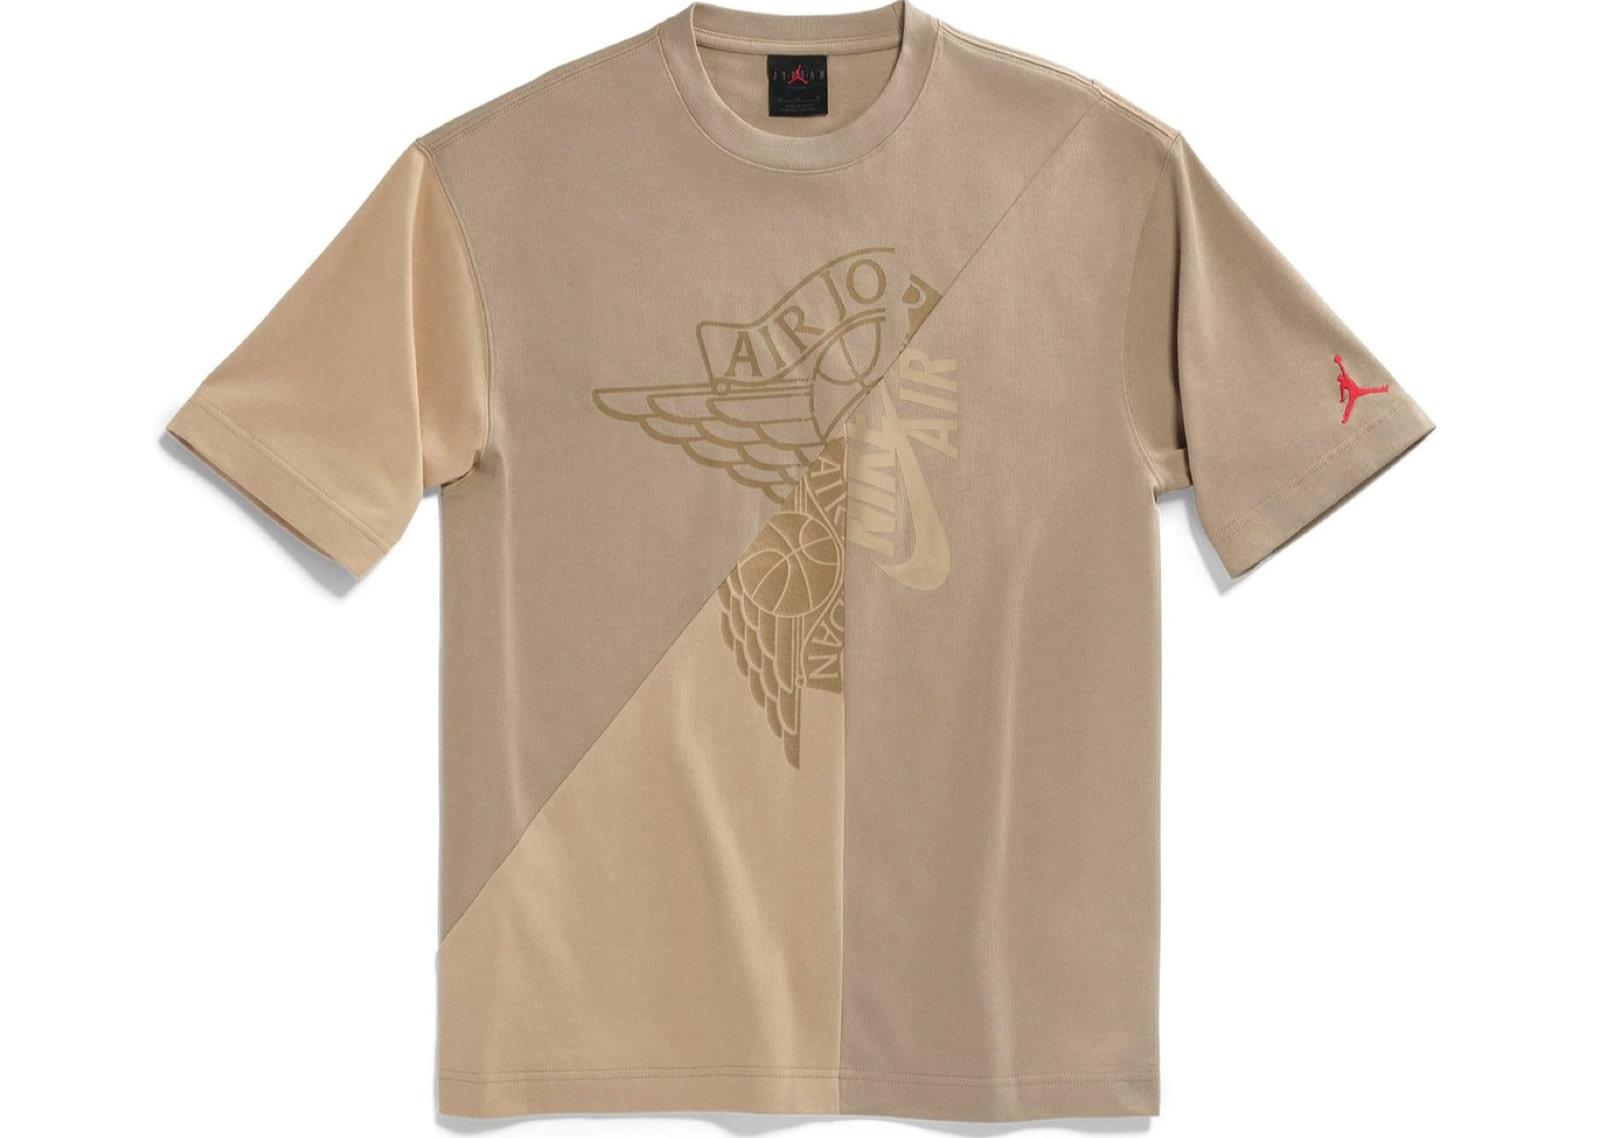 slide 1 - Khaki/Desert Tshirt